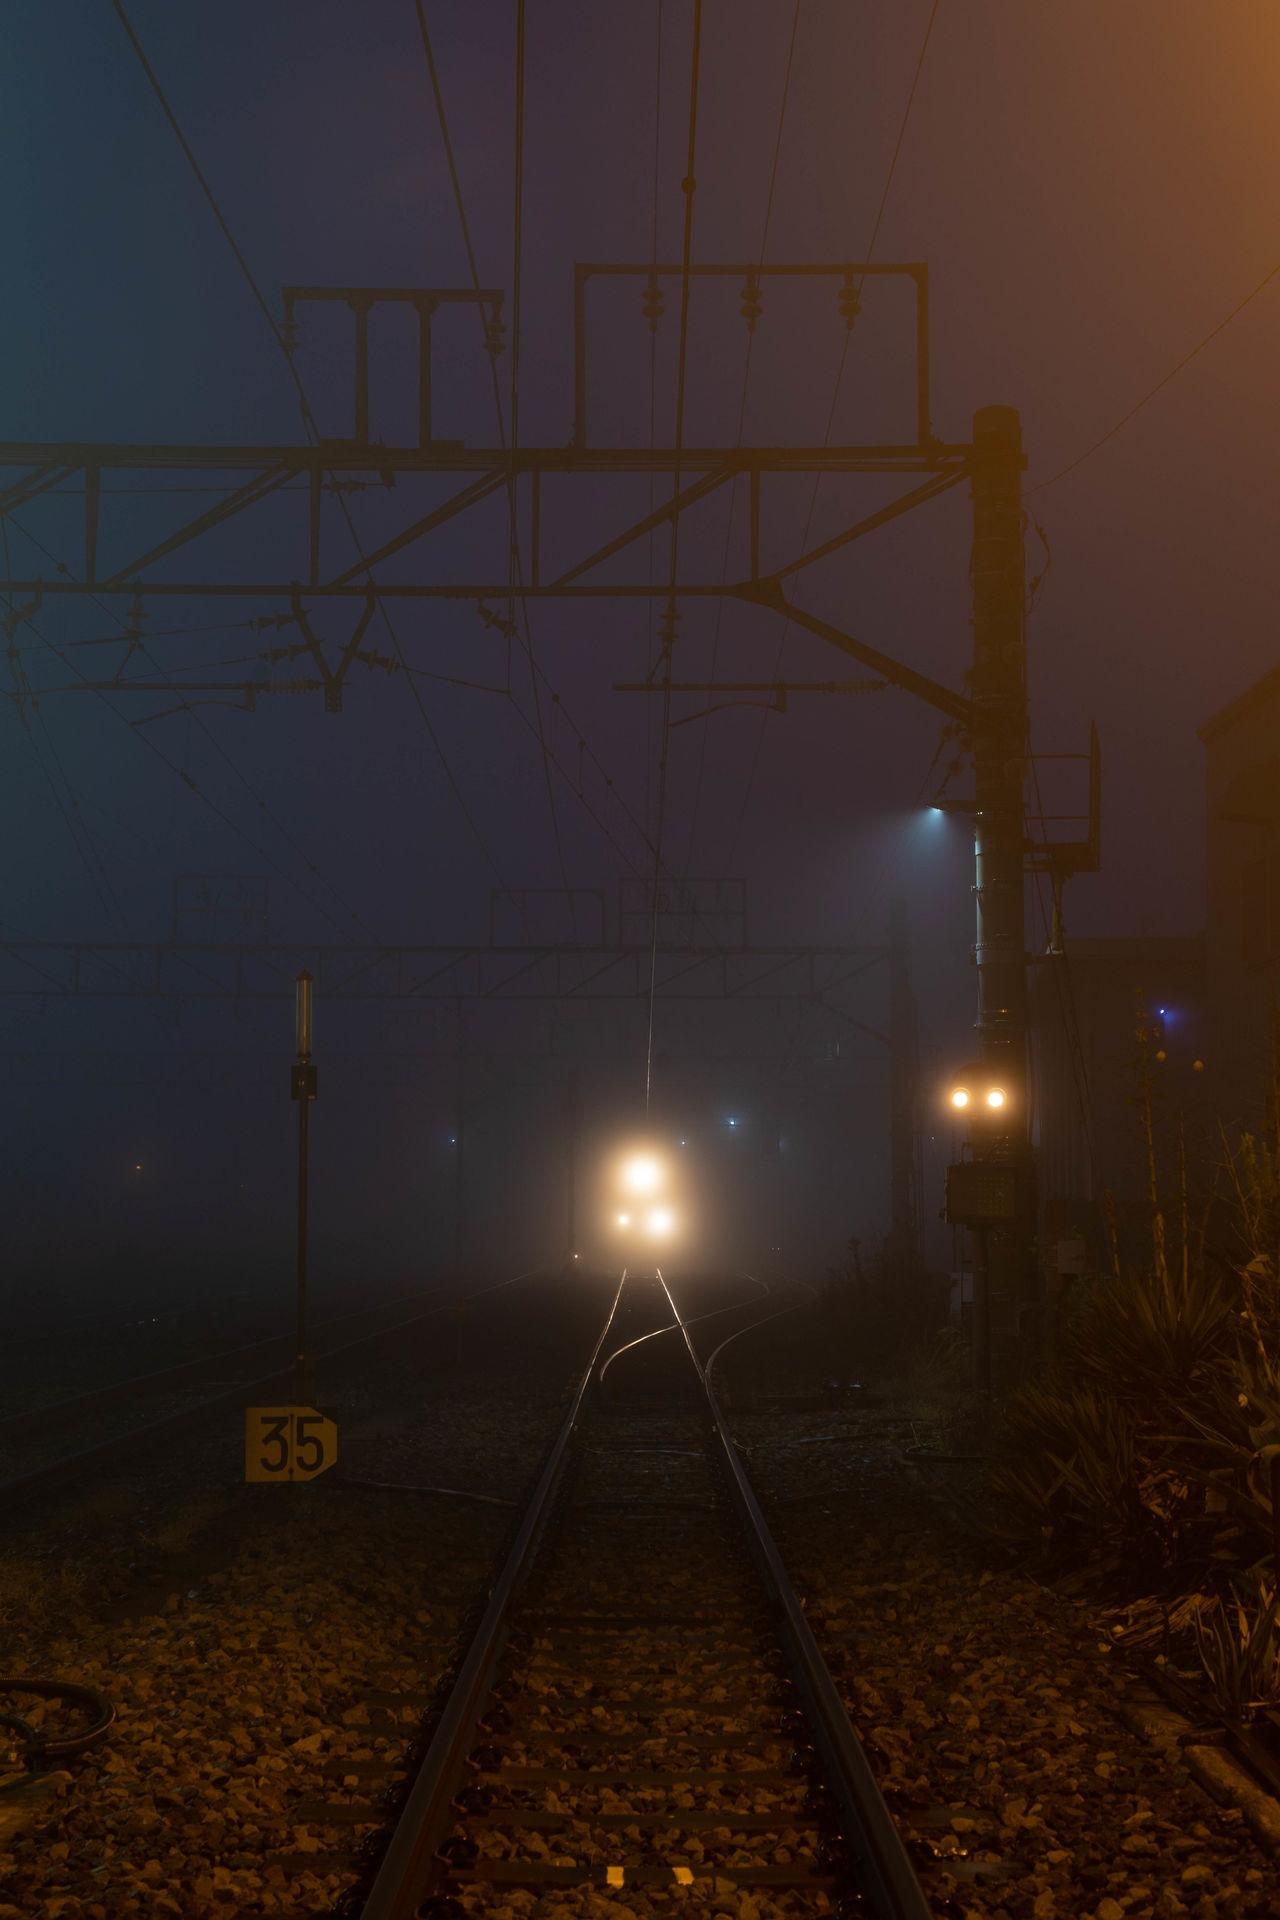 Railroad track at night